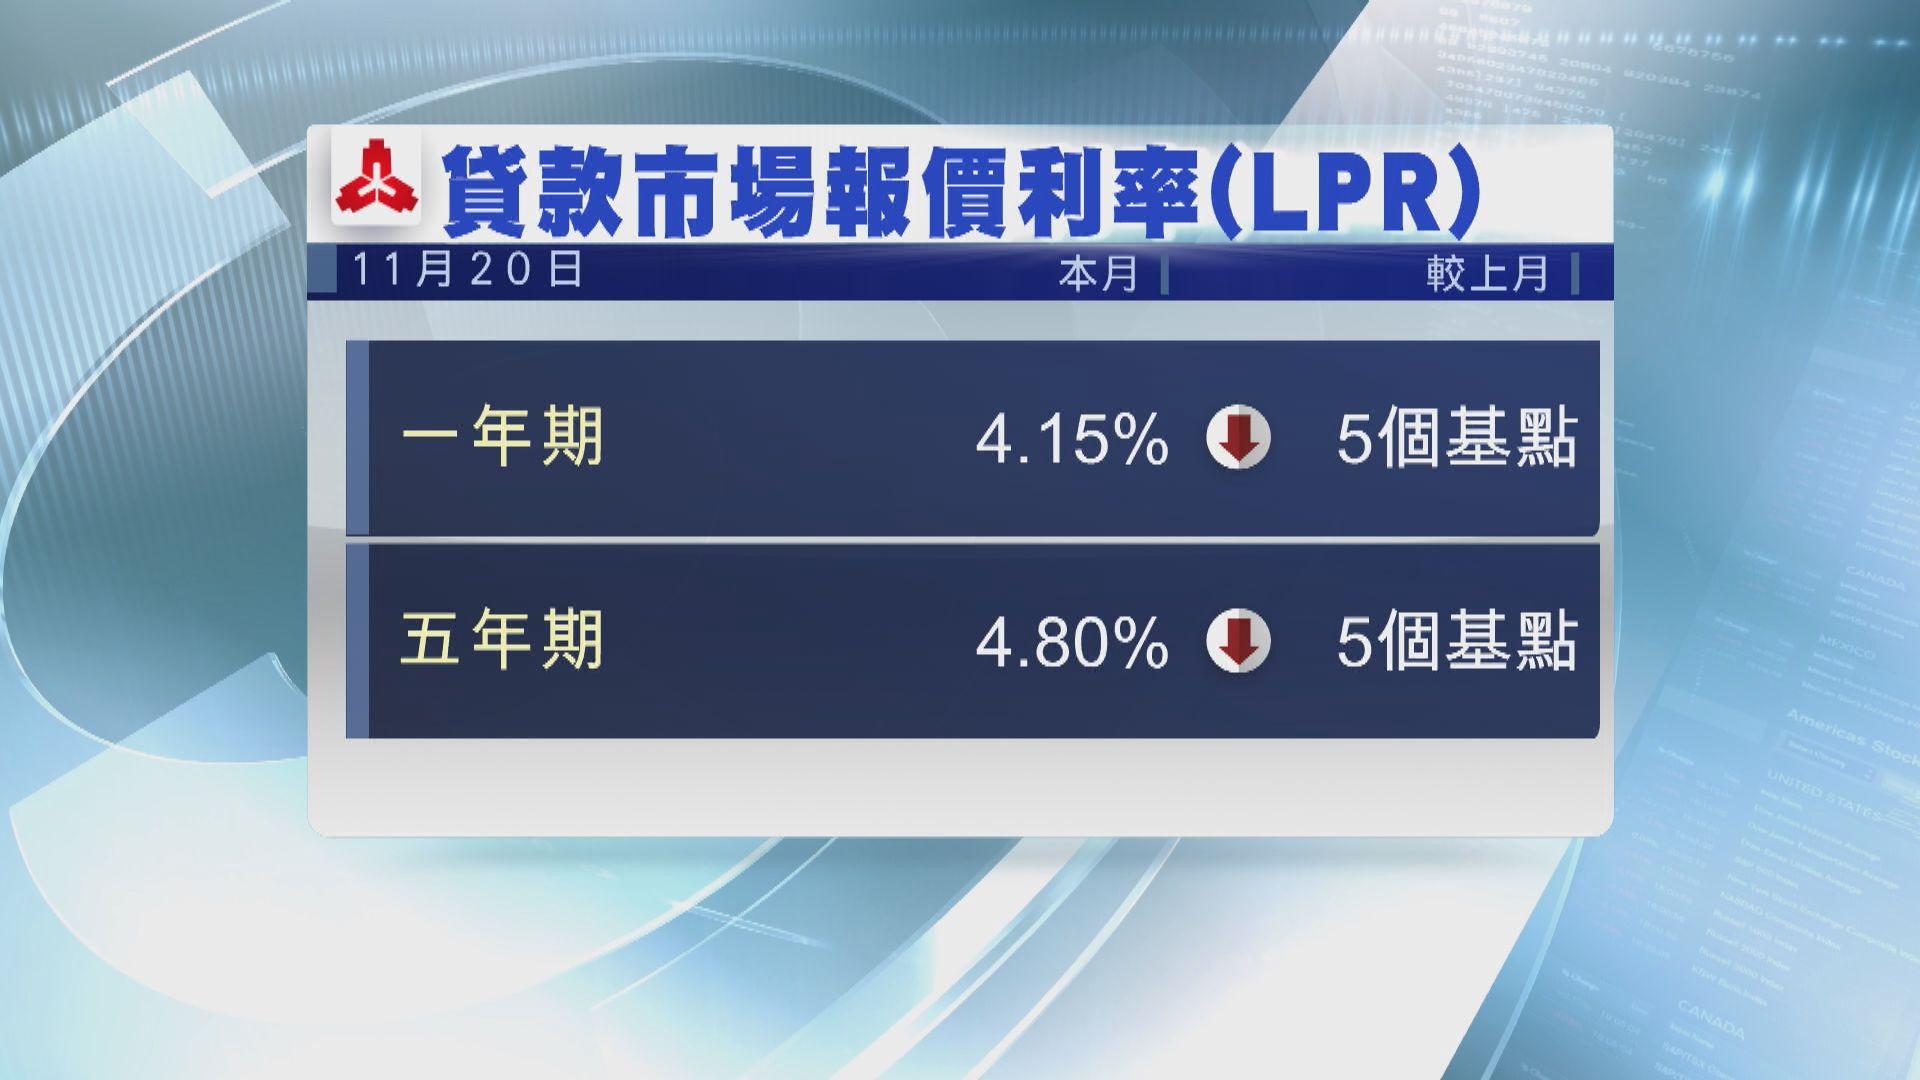 【改革後首次】人民銀行下調一年期及五年期LPR利率5個基點